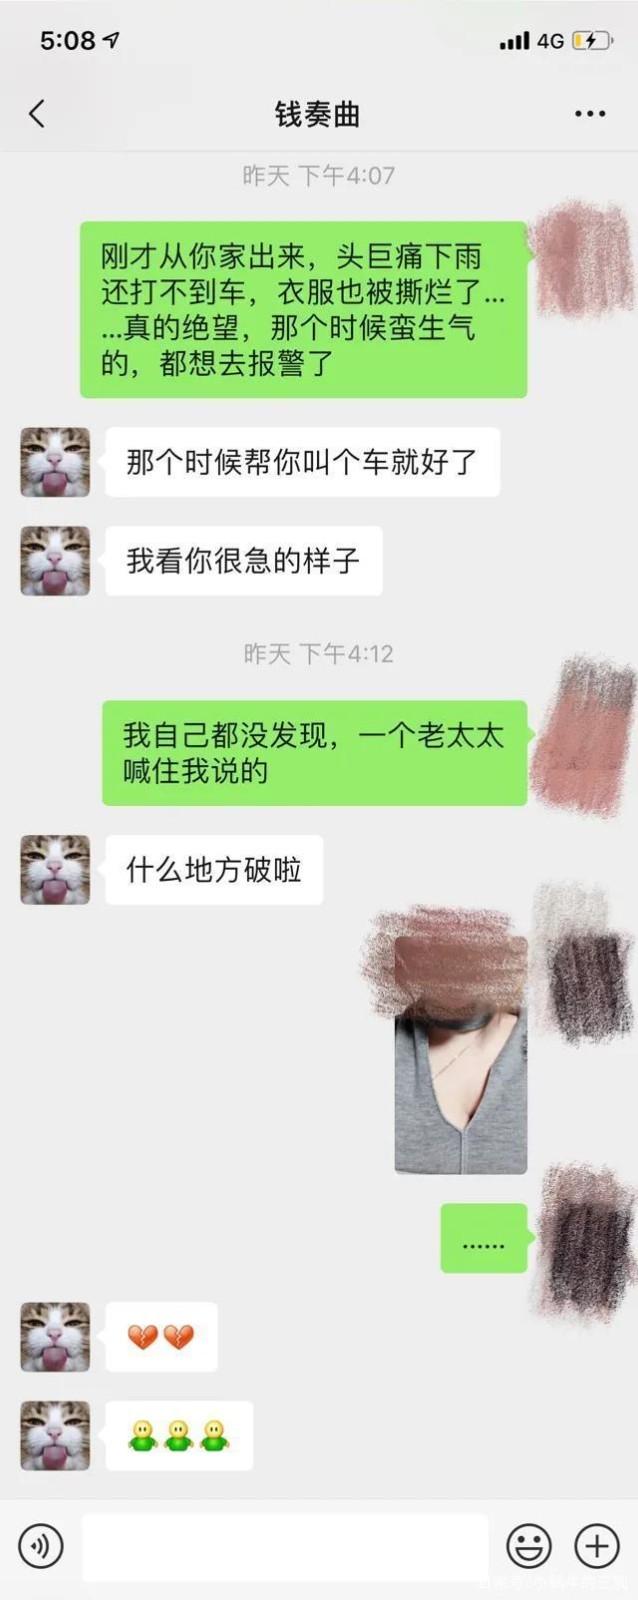 爆料女生:钱枫曾亲口承认强奸